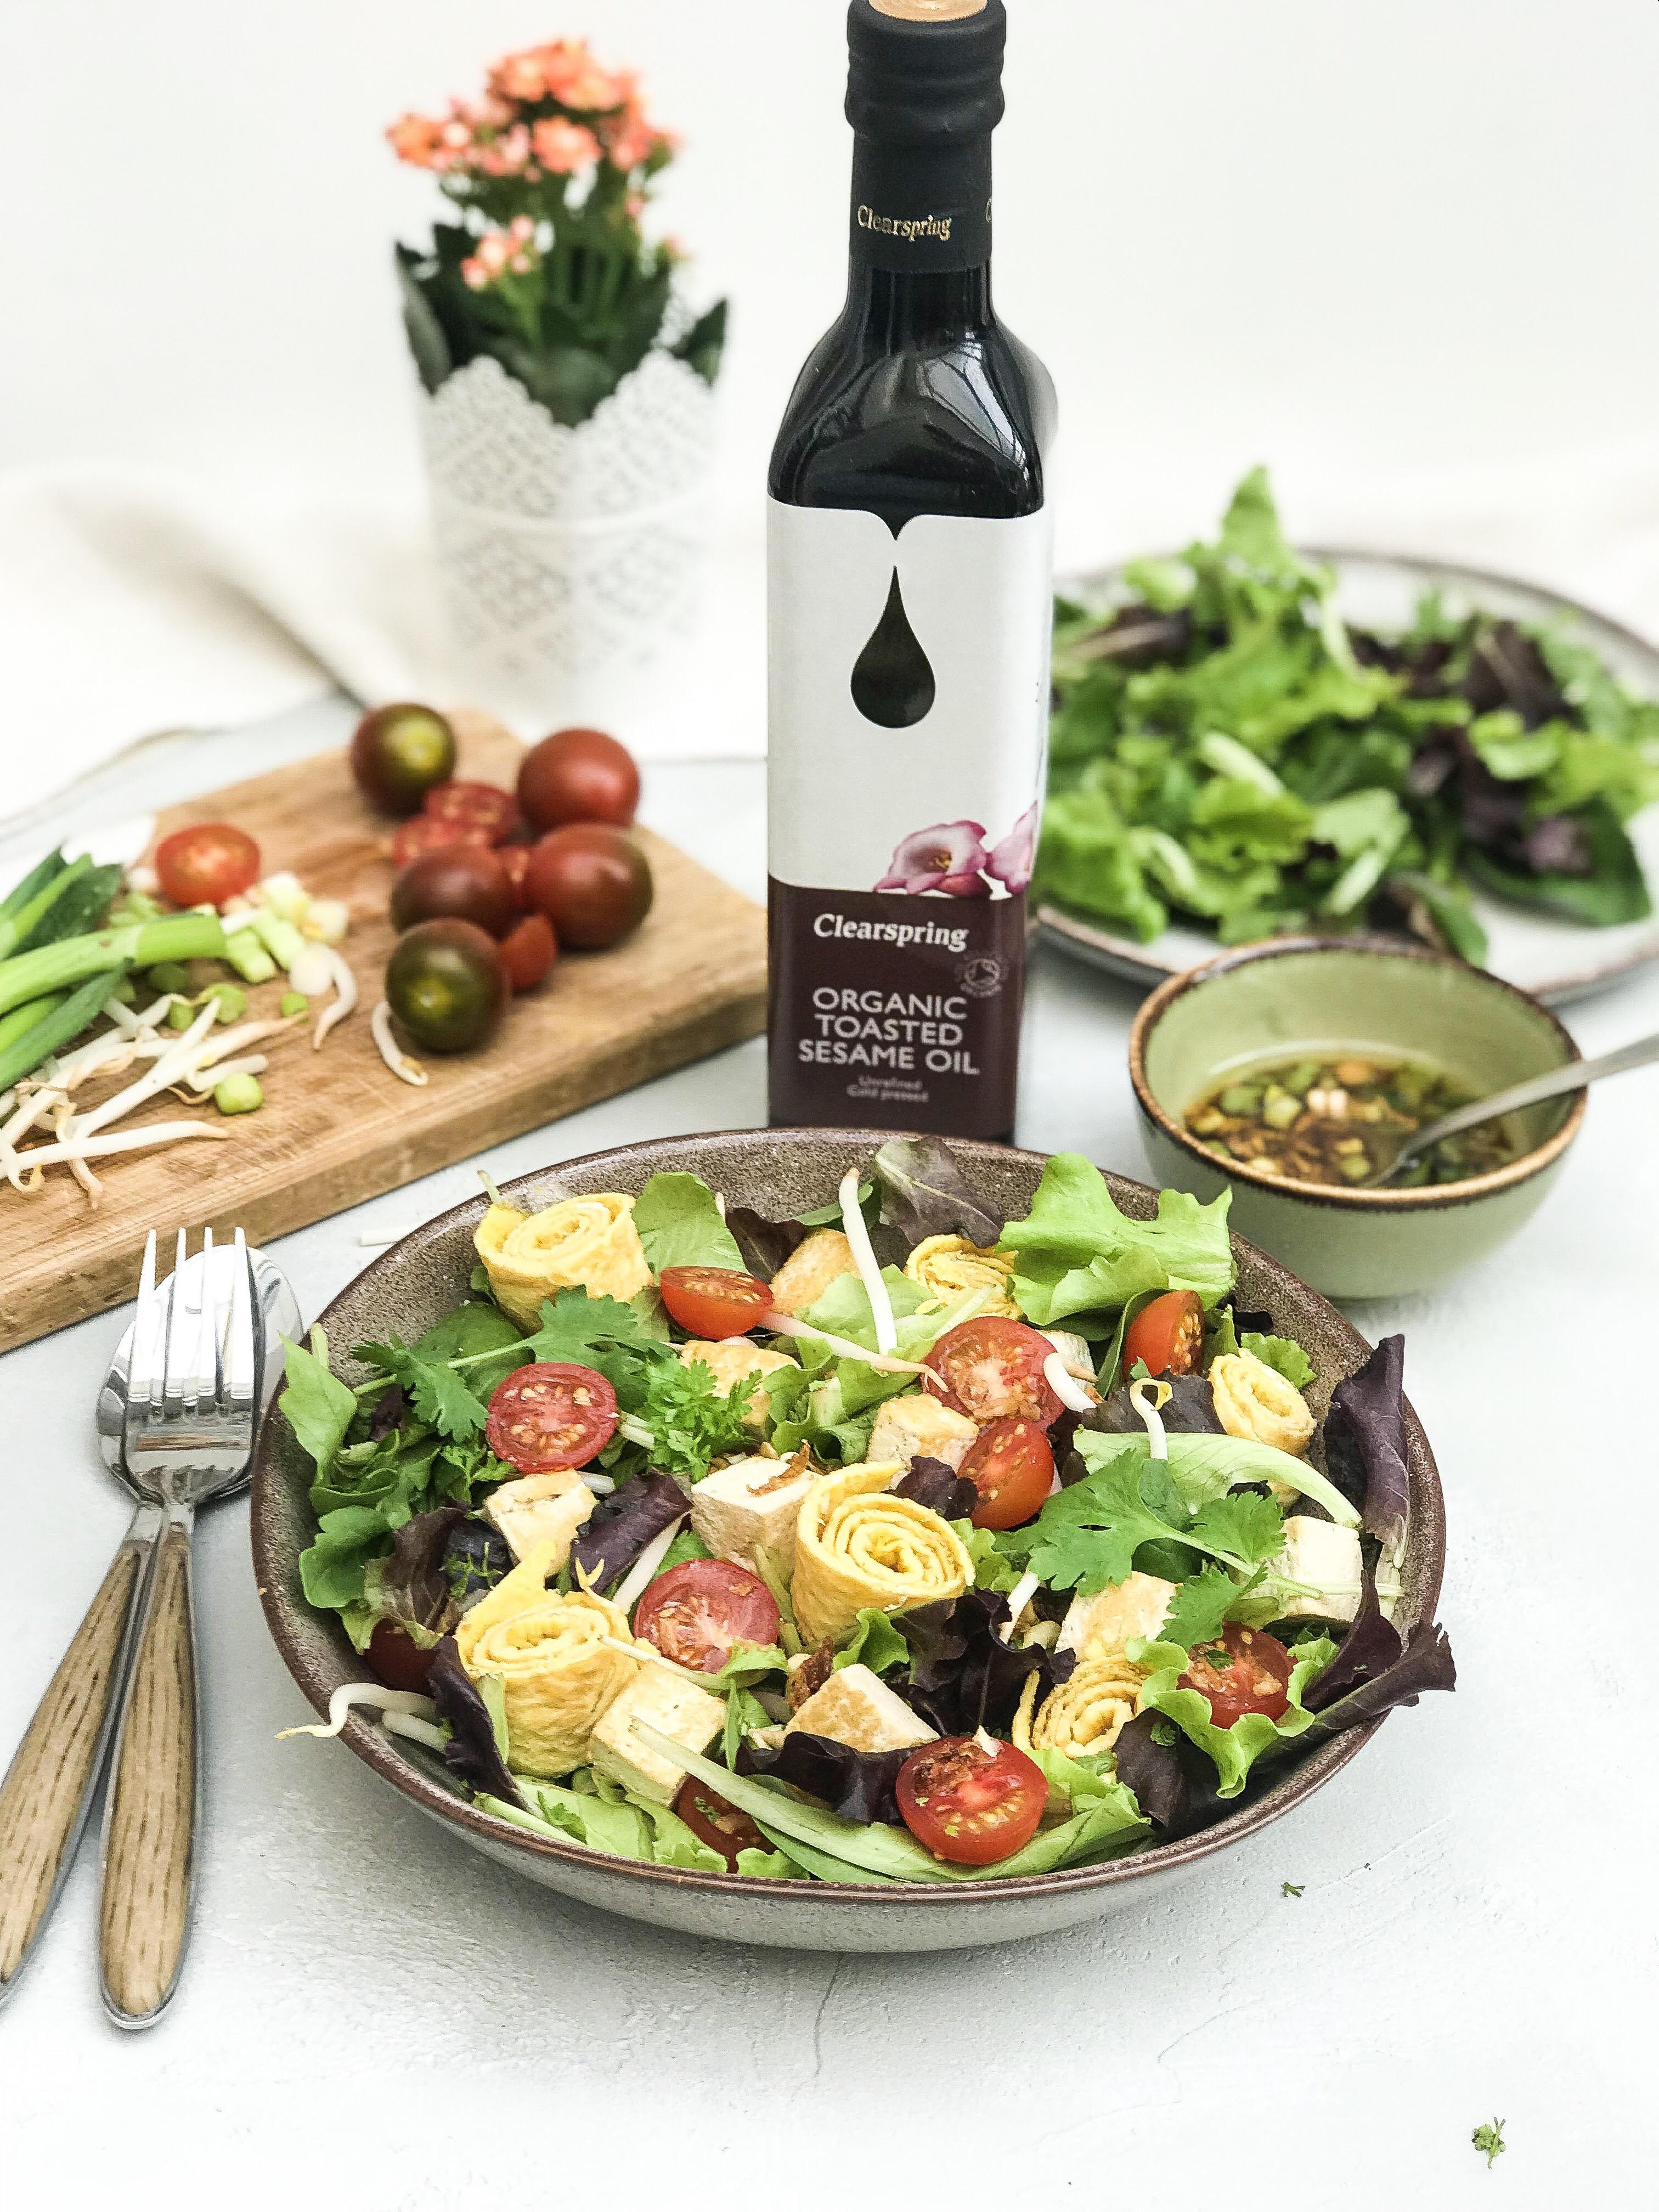 Une salade gourmande avec une touche d'huile de sésame